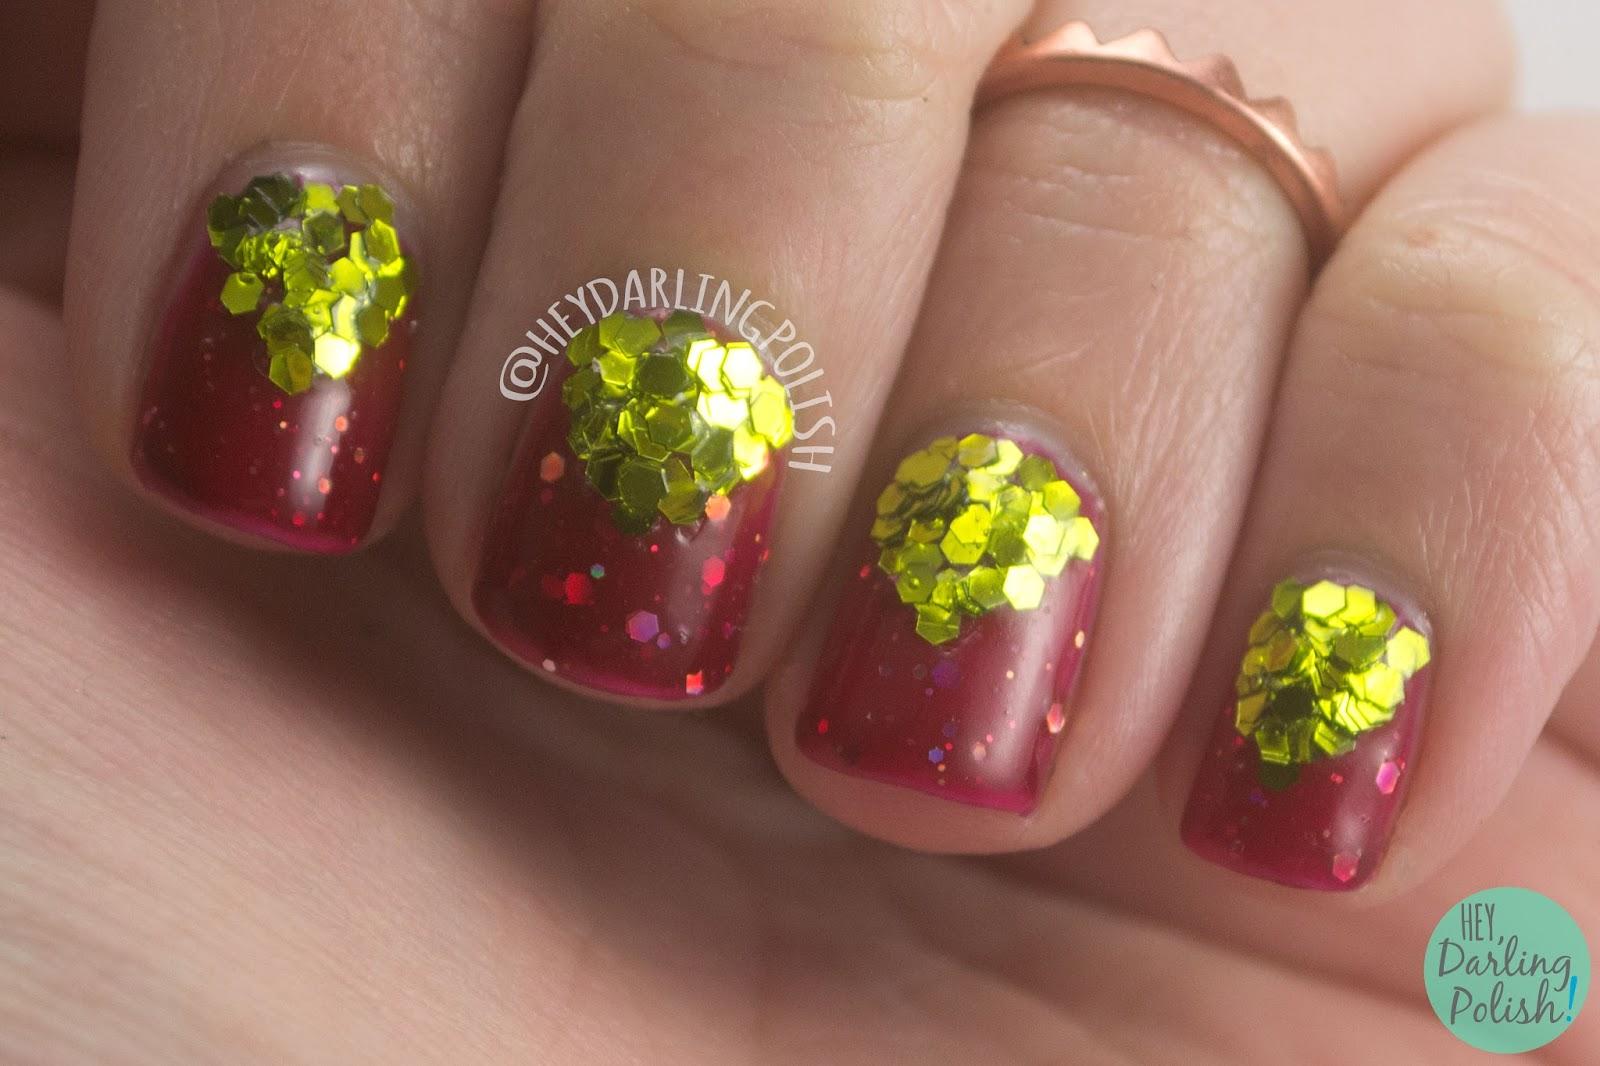 nails, nail art, nail polish, red, gold, glitter, indie polish, indie nail polish, shirley ann nail lacquer, hey darling polish, 52 week challenge